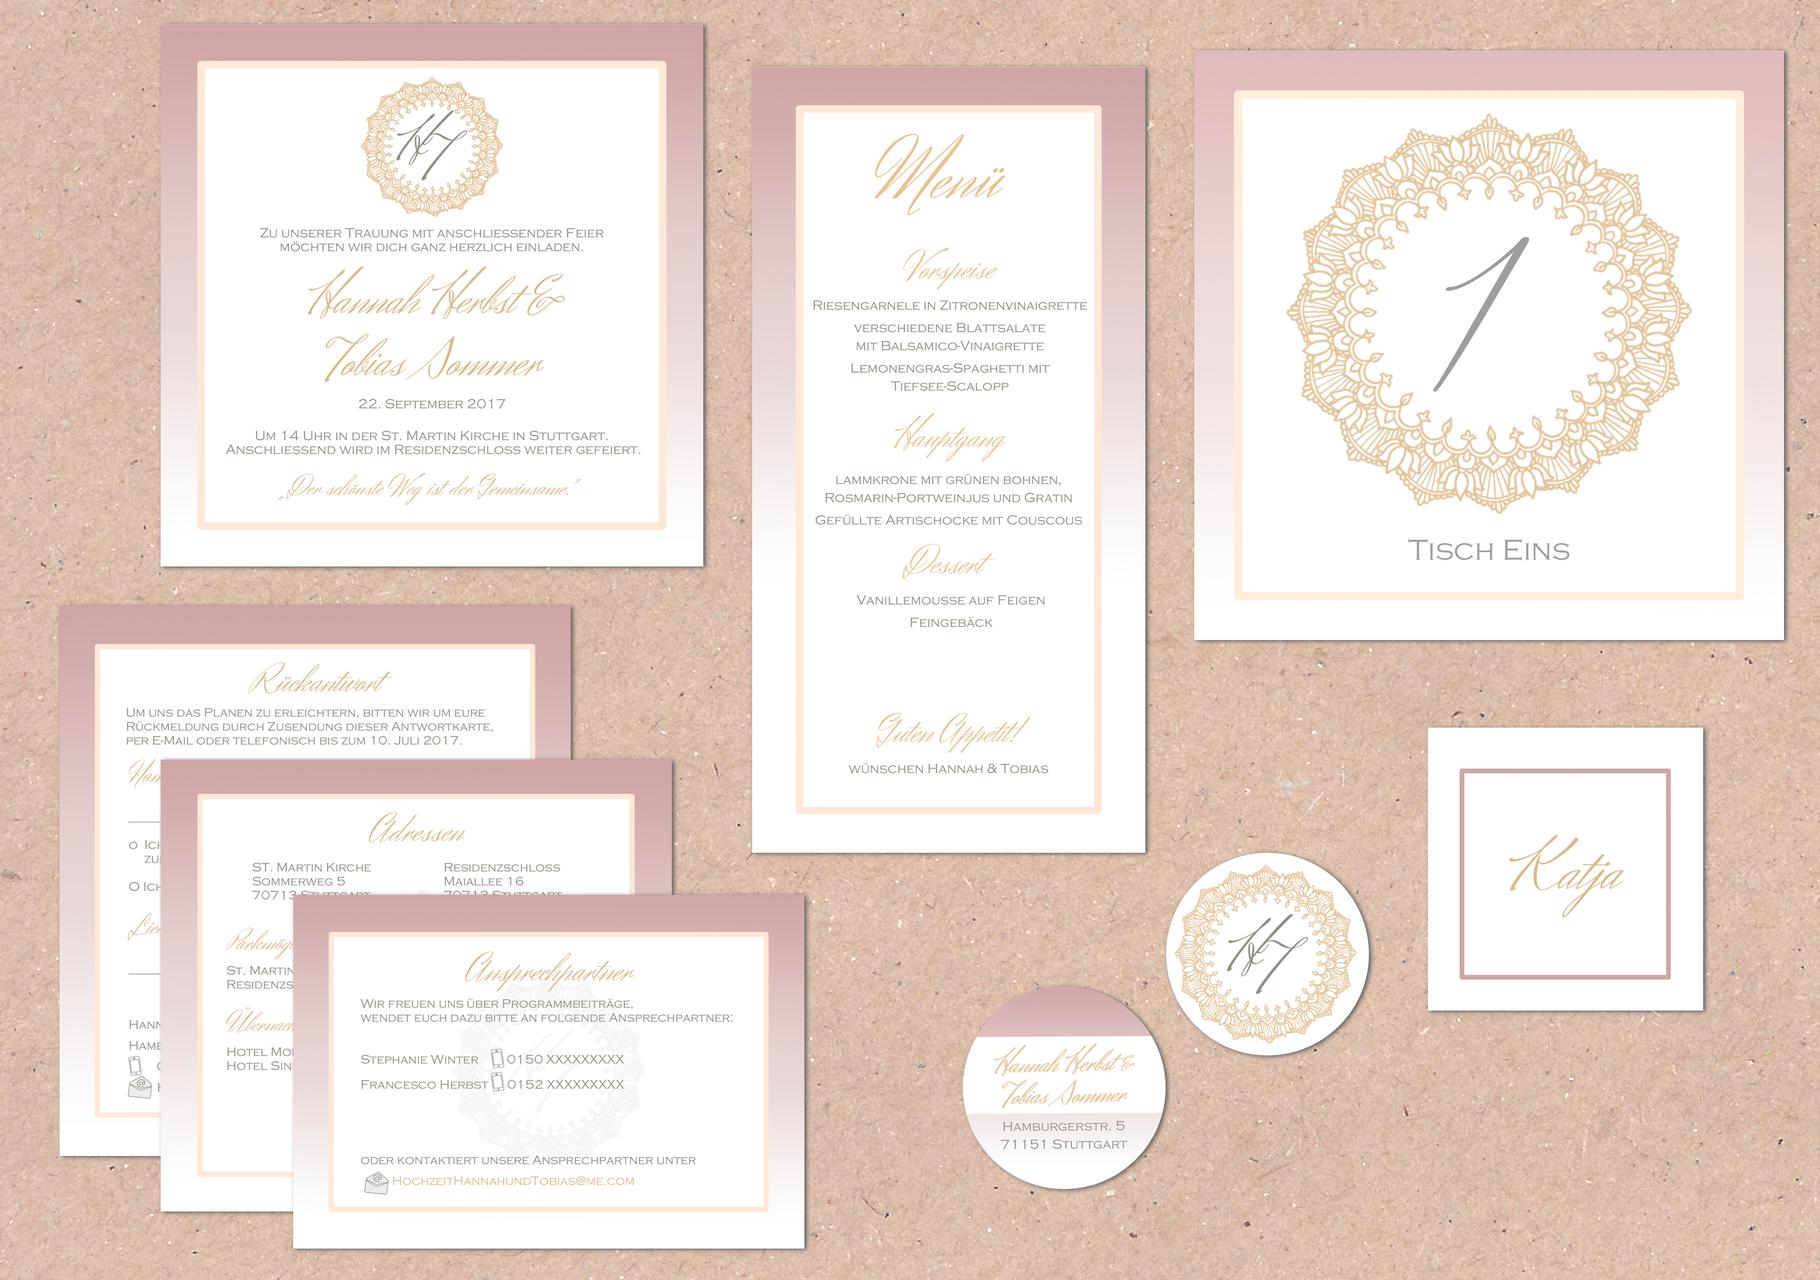 Juhu Papeterie Karlsruhe Hochzeitsset Pocketfold Einladung  Hochzeitseinladung Altrose